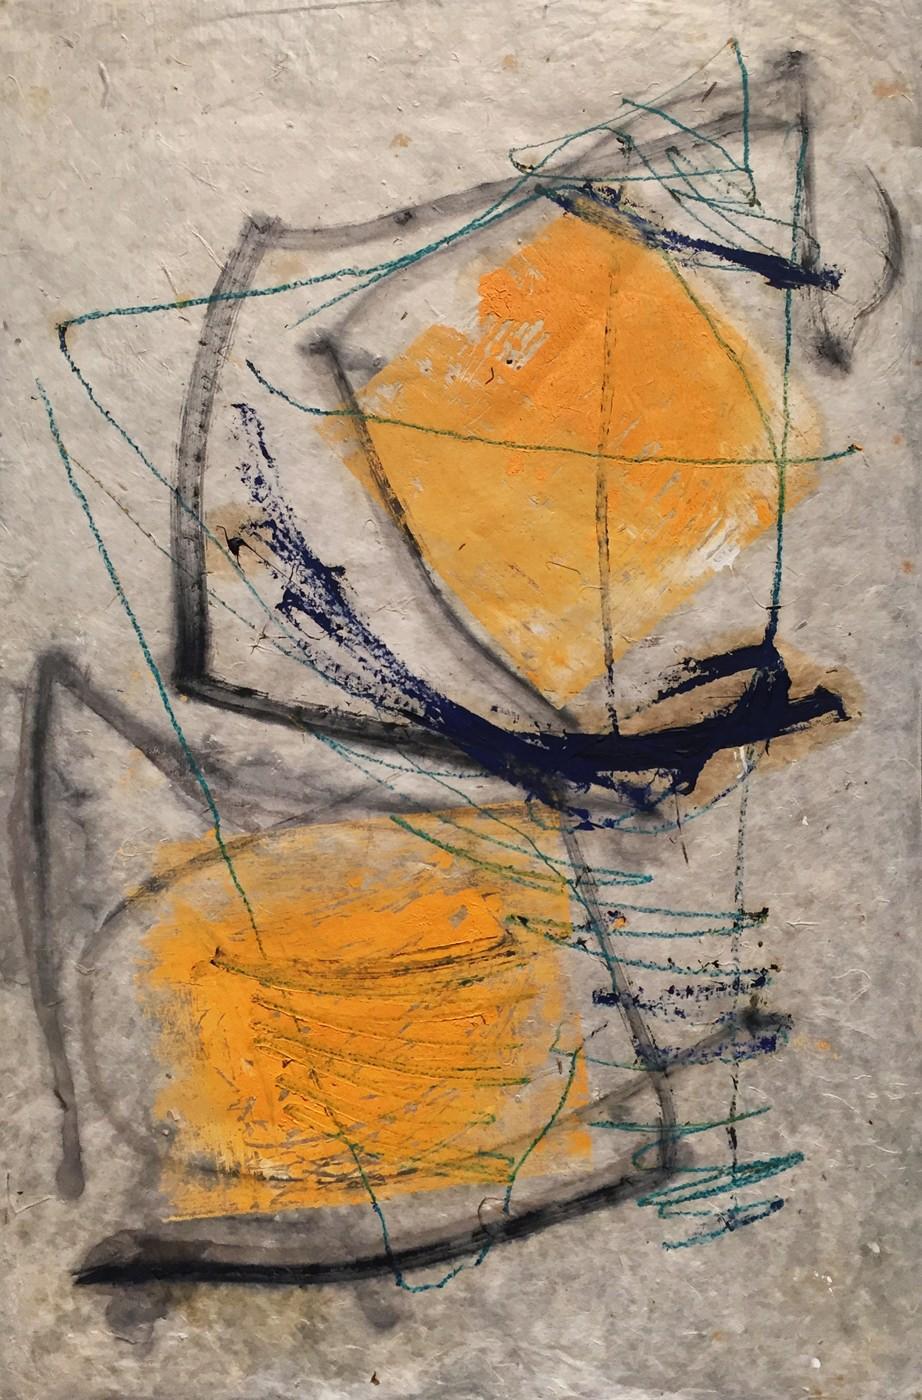 MARC FELD 2000 RIGODON 2 Huile et crayon de couleur sur papier 50 x 76 cm